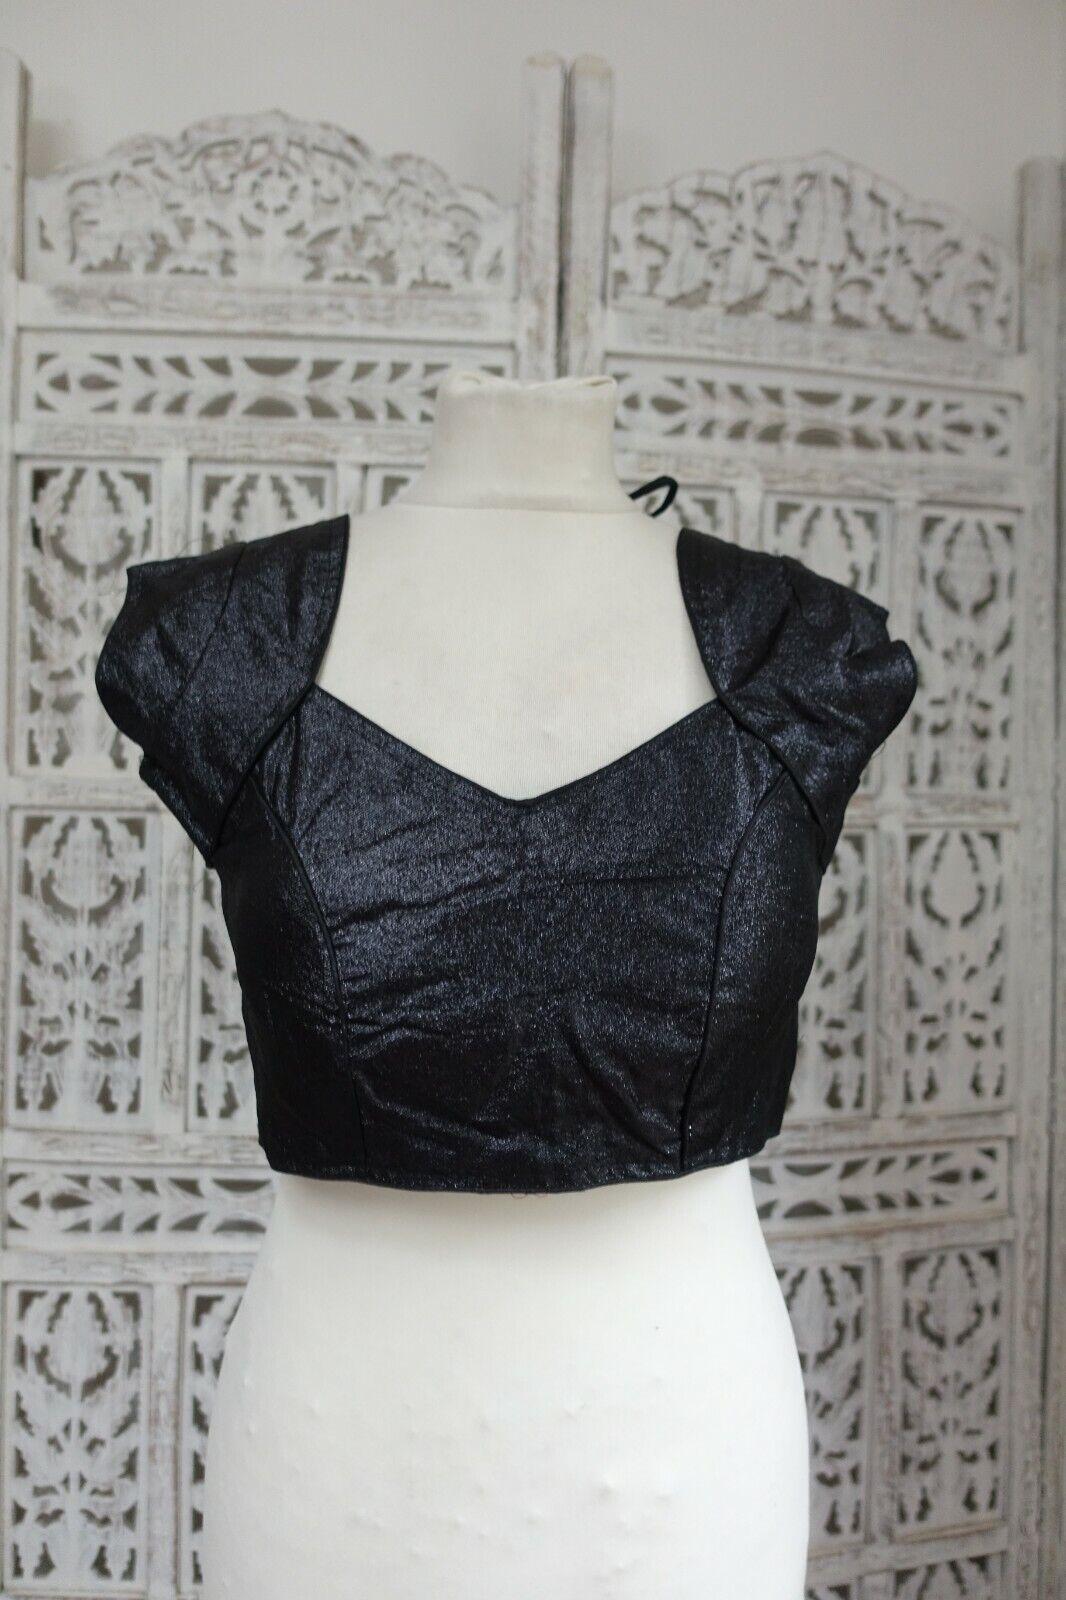 Black Indian Bollywood dress Choli / Tunic / UK 10 / EU 36 sari blouse SKU17170